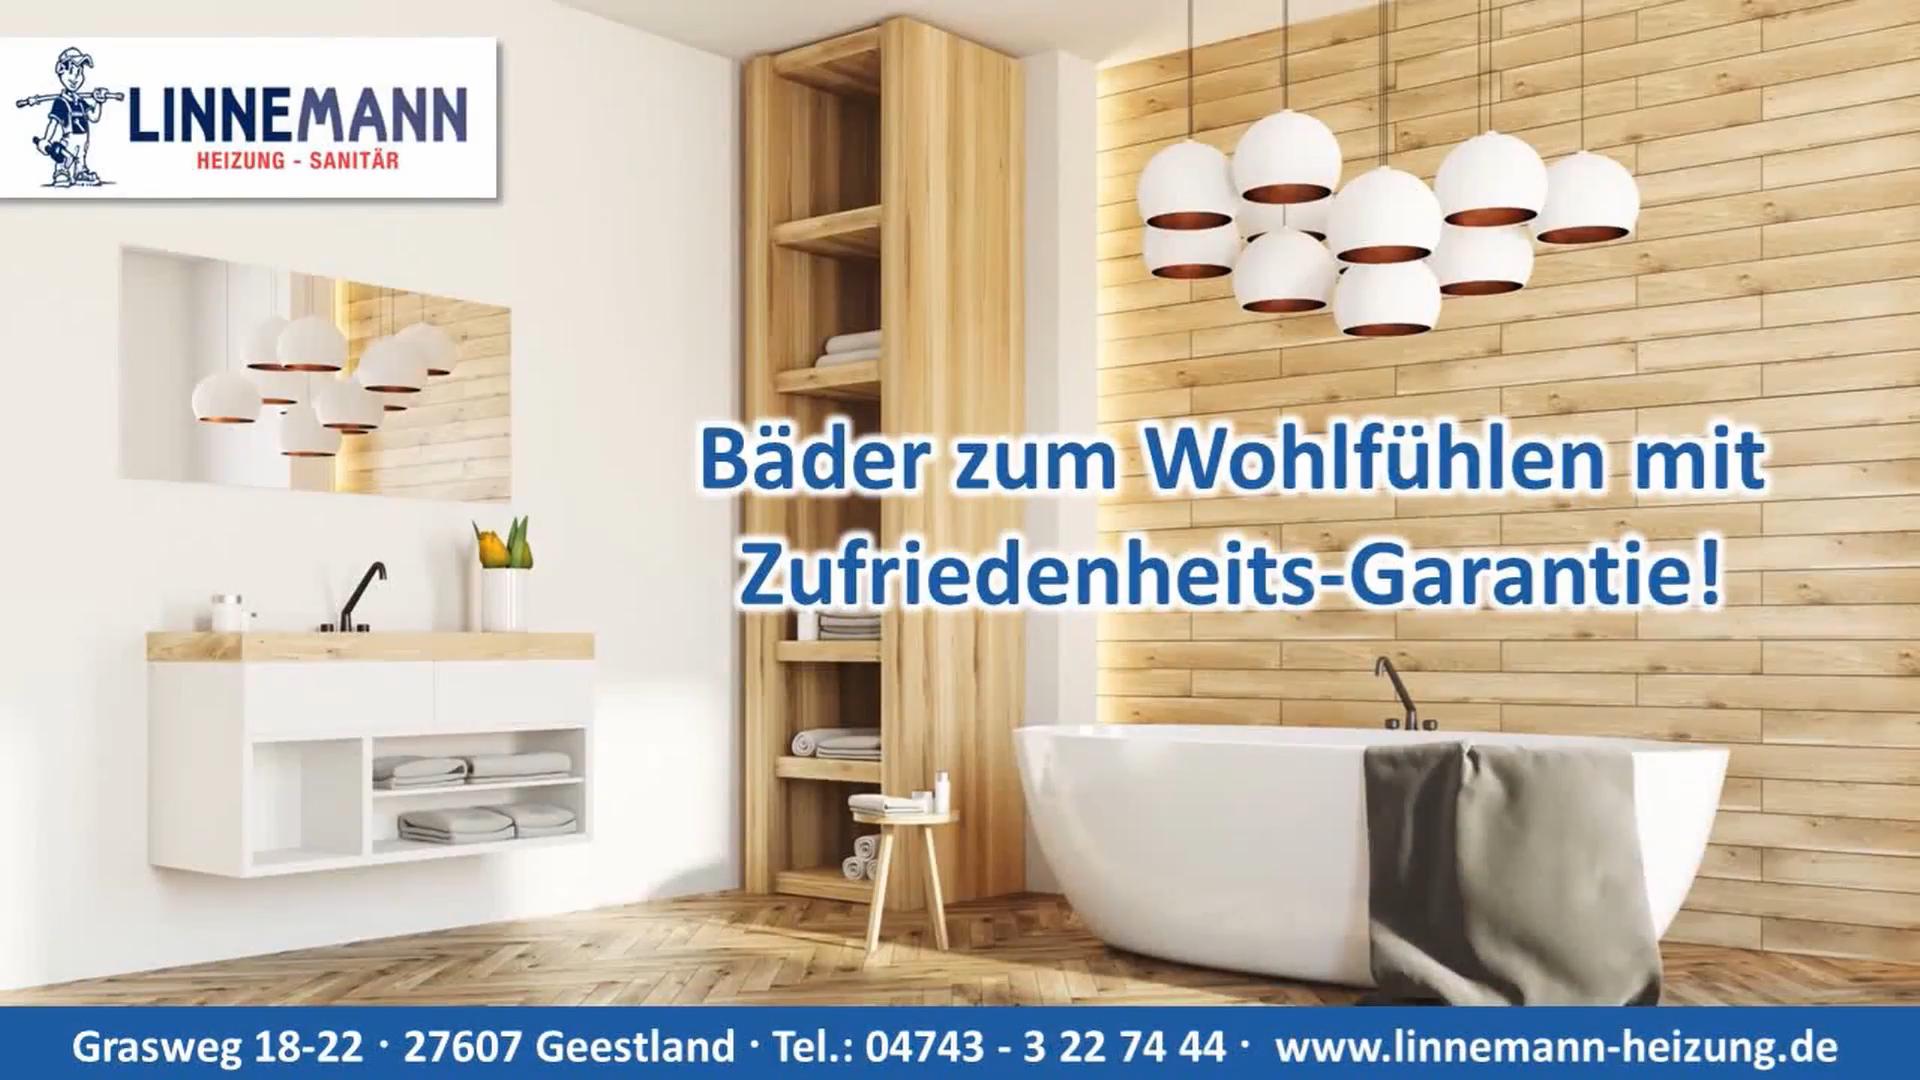 Linnemann Heizung